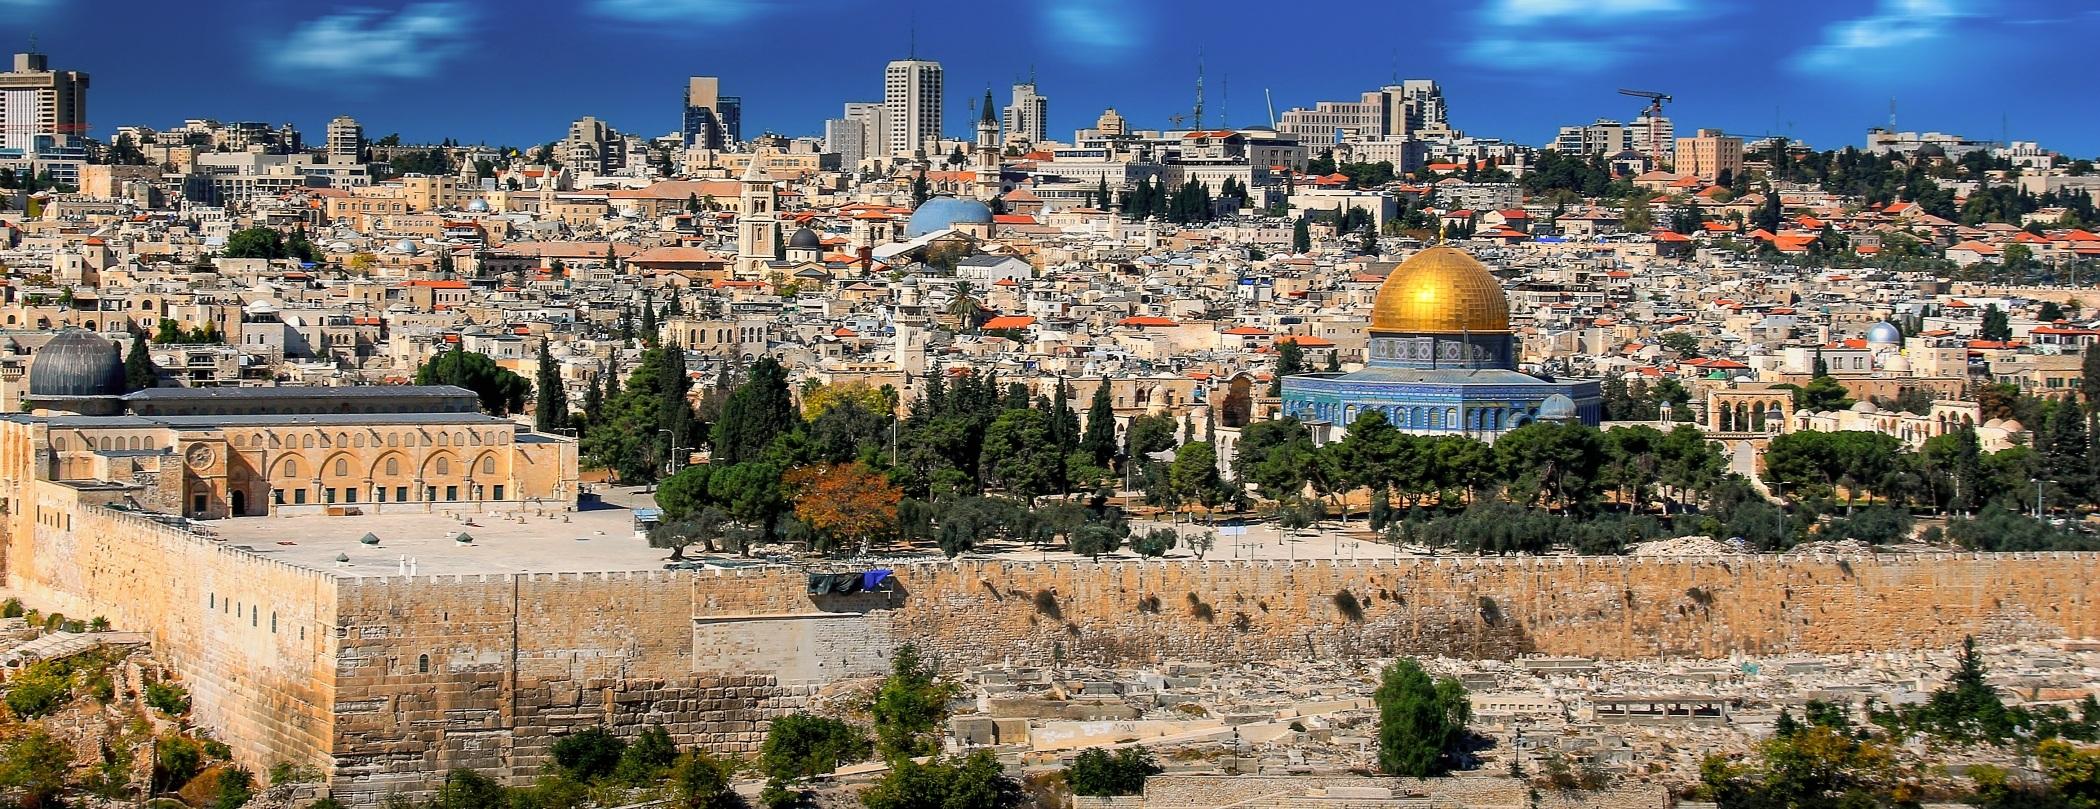 Jerzuálem - město, které je tzv. kulturní křižovatkou 3 světů.